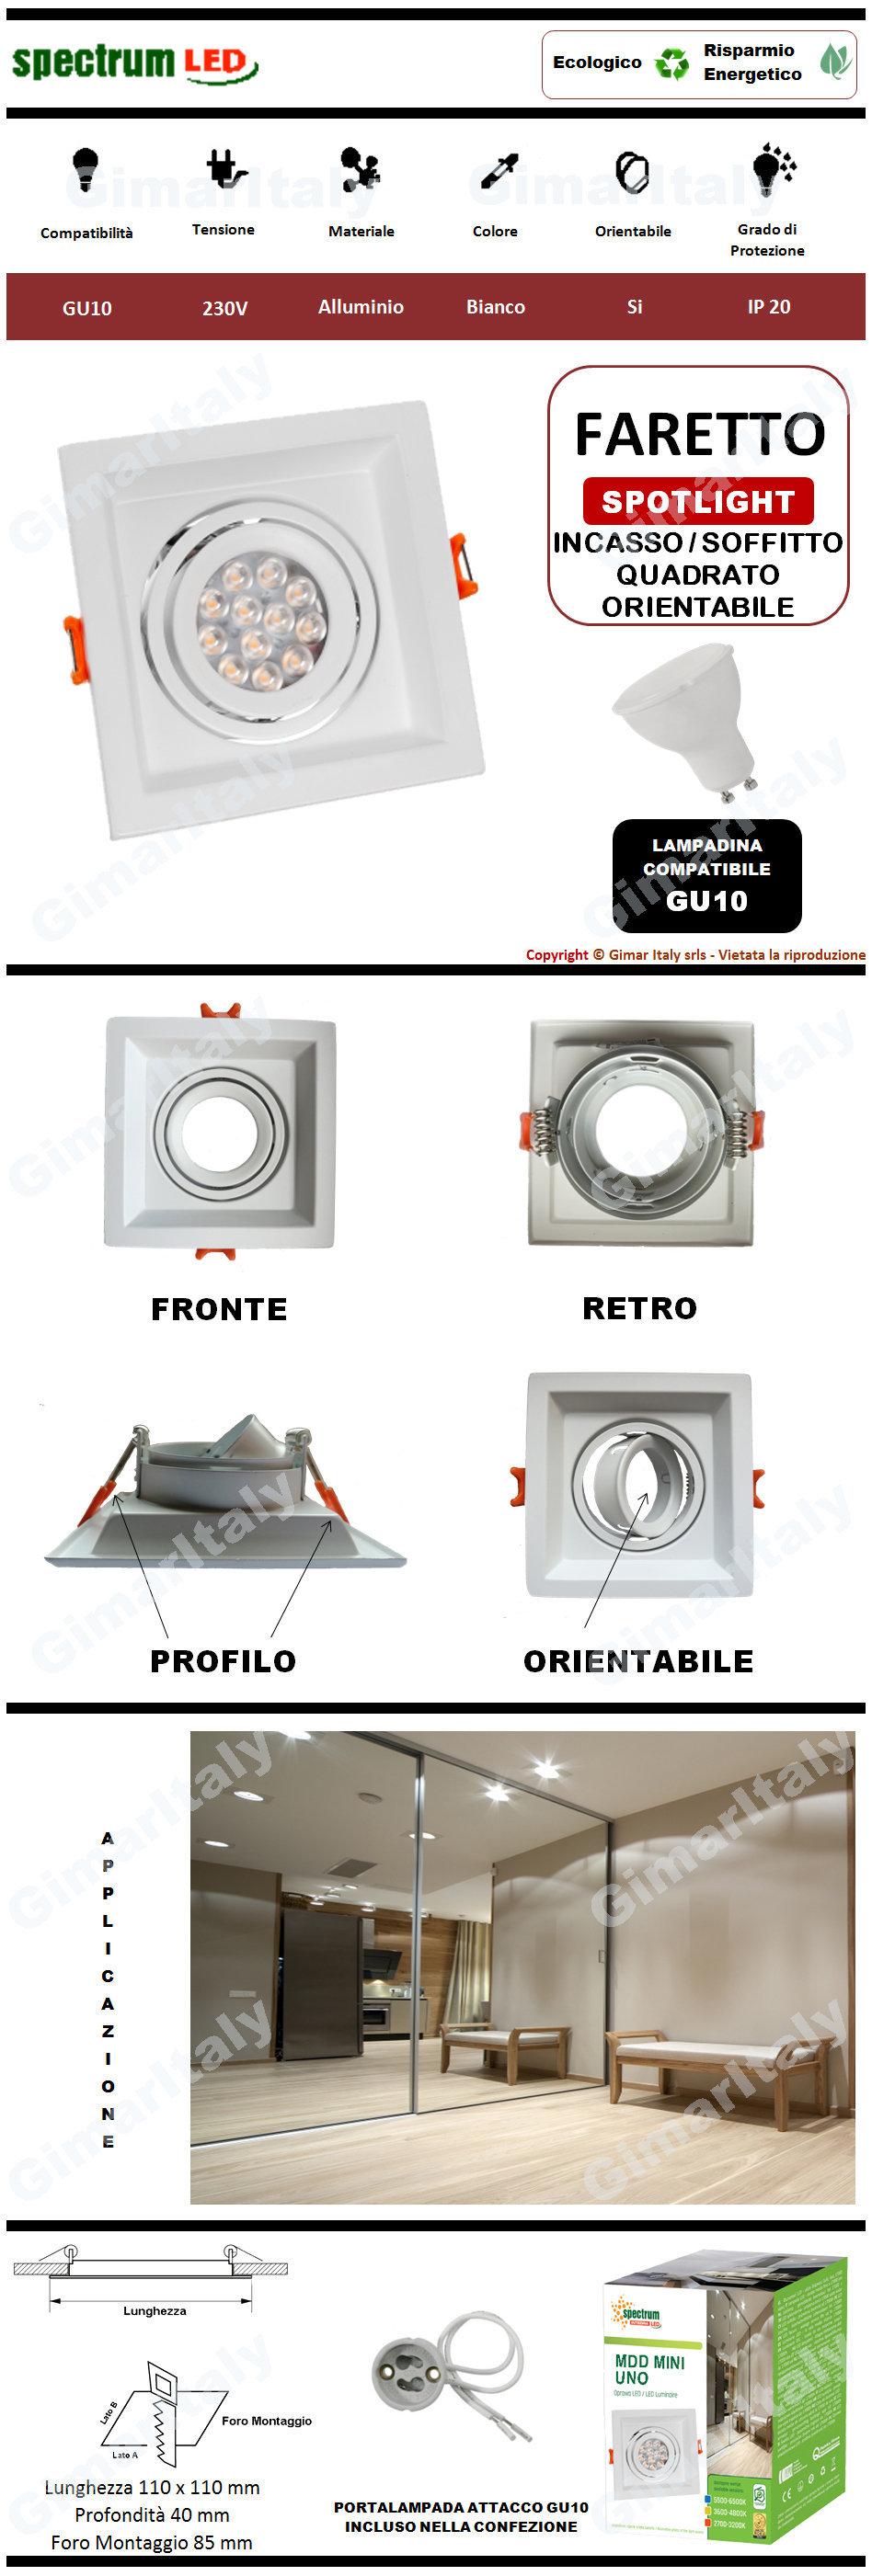 Portafaretto Quadrato Bianco da incasso per lampadine GU10 Spectrum